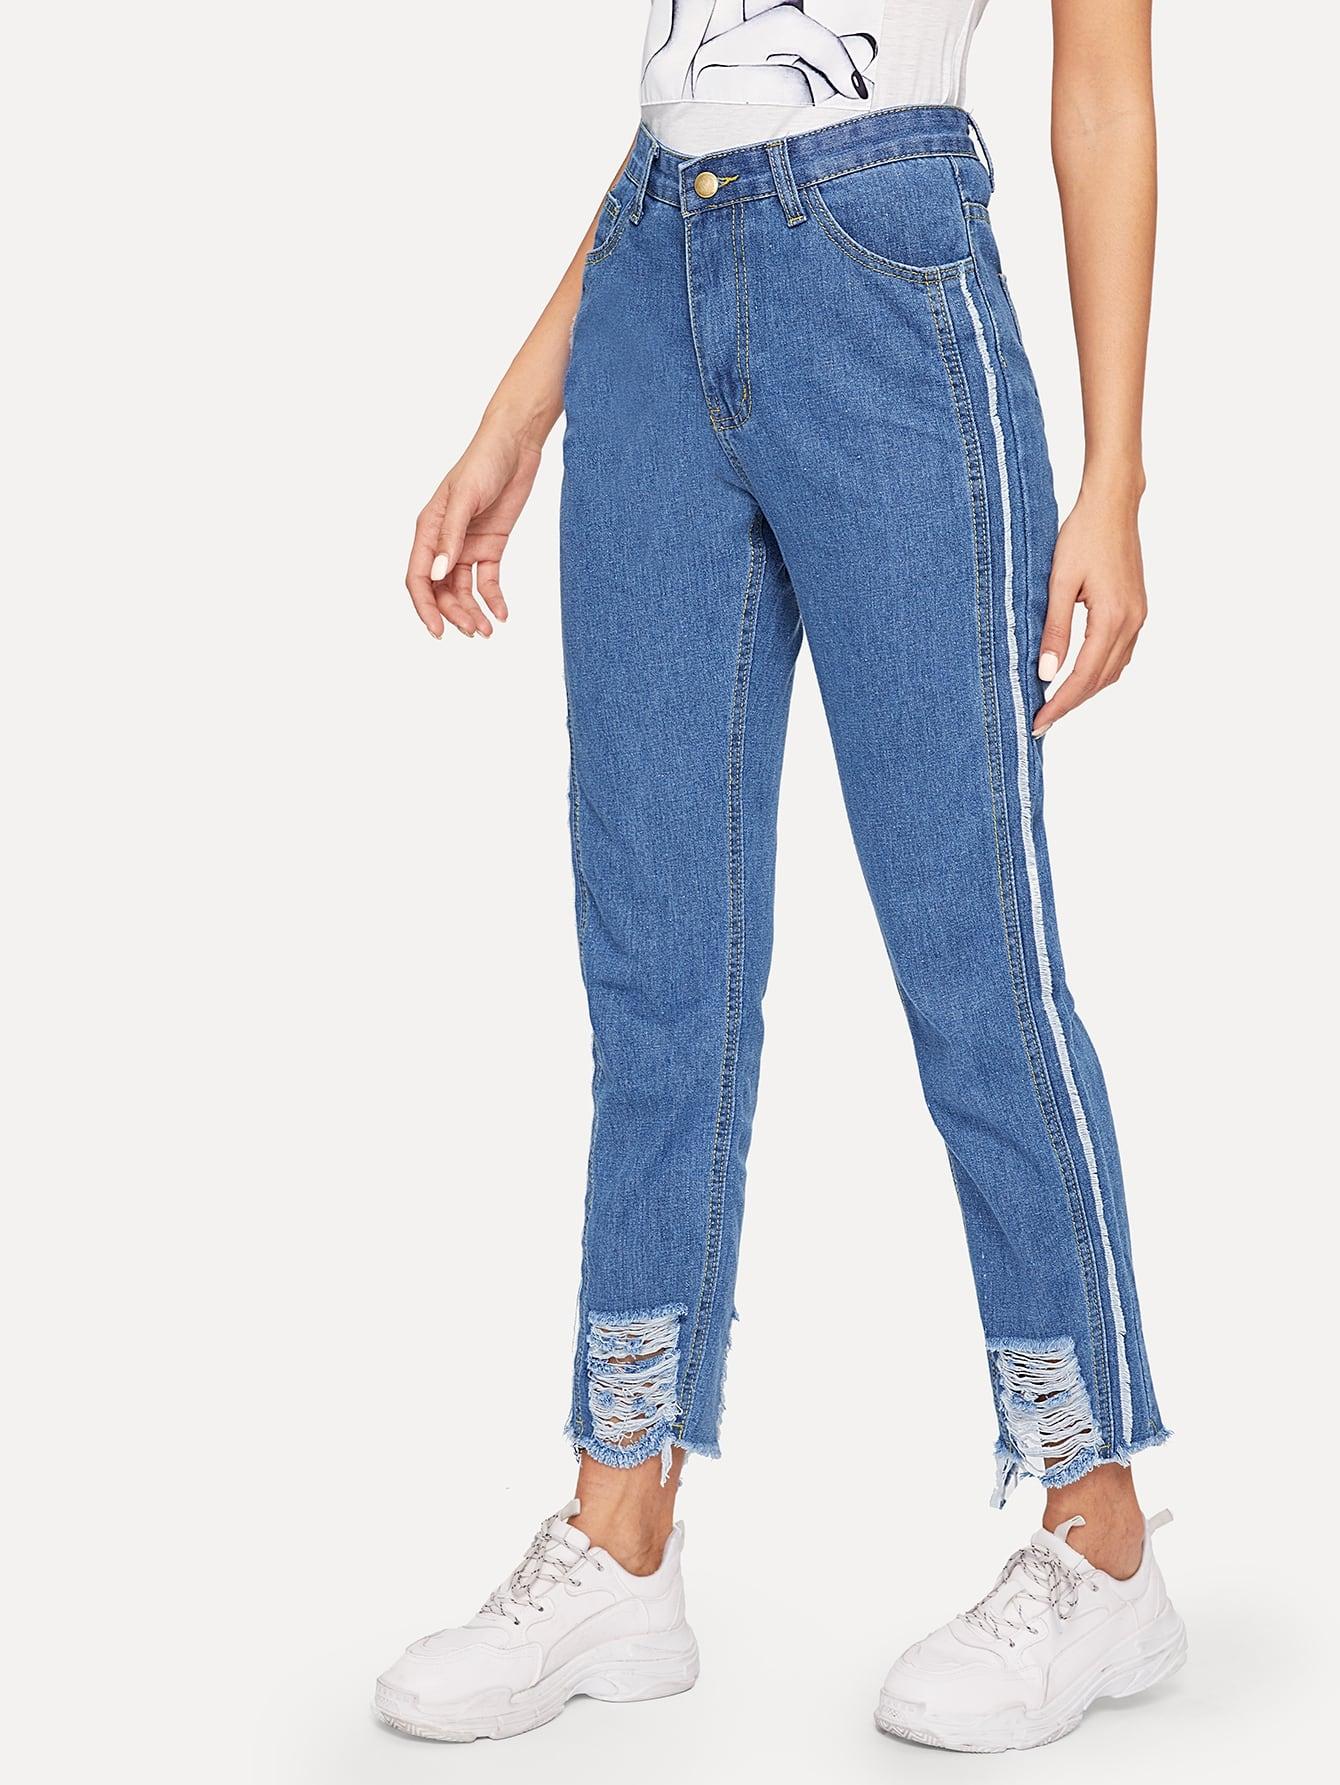 Купить Рваные джинсы с полосками и необработанным краем, Juliana, SheIn